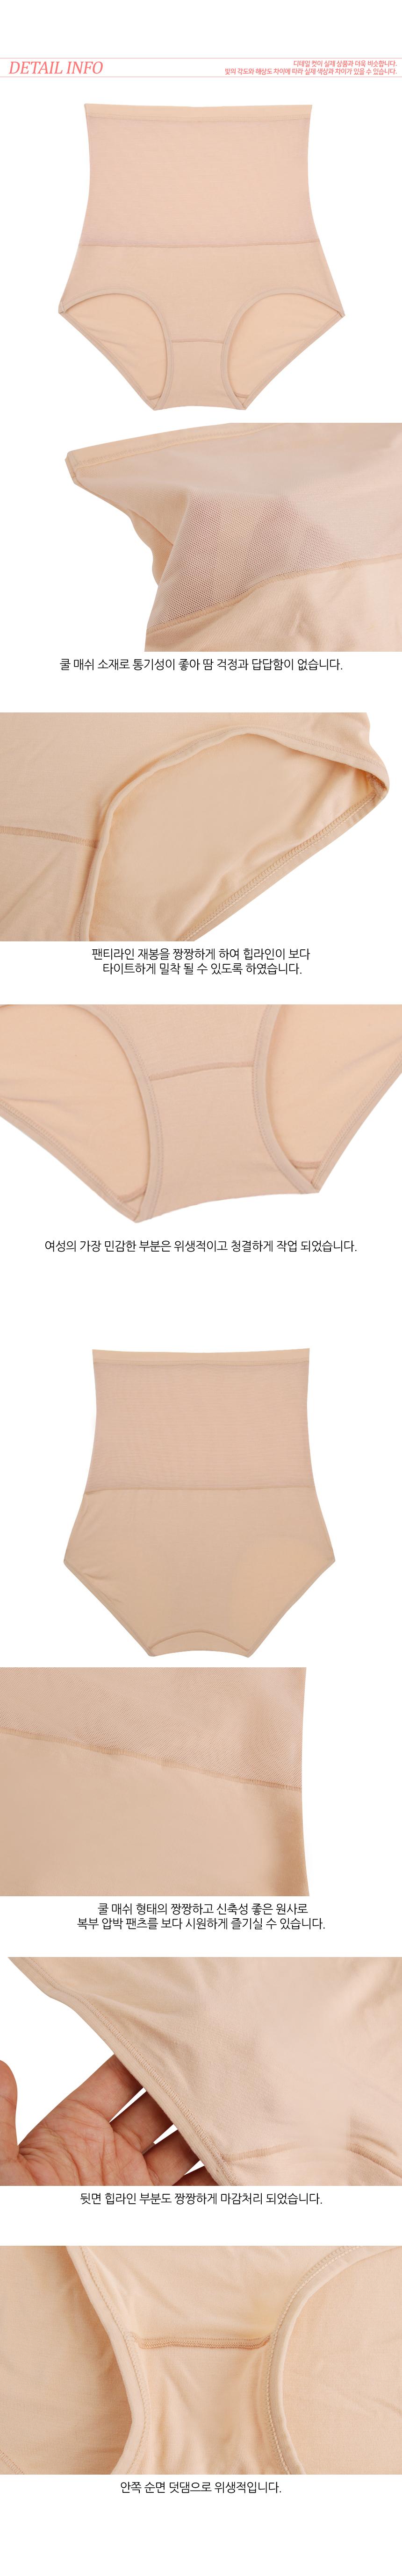 22819cd8a34 복부압박쿨매시팬츠/복부압박팬츠/압박속옷/보정속옷 - 11번가